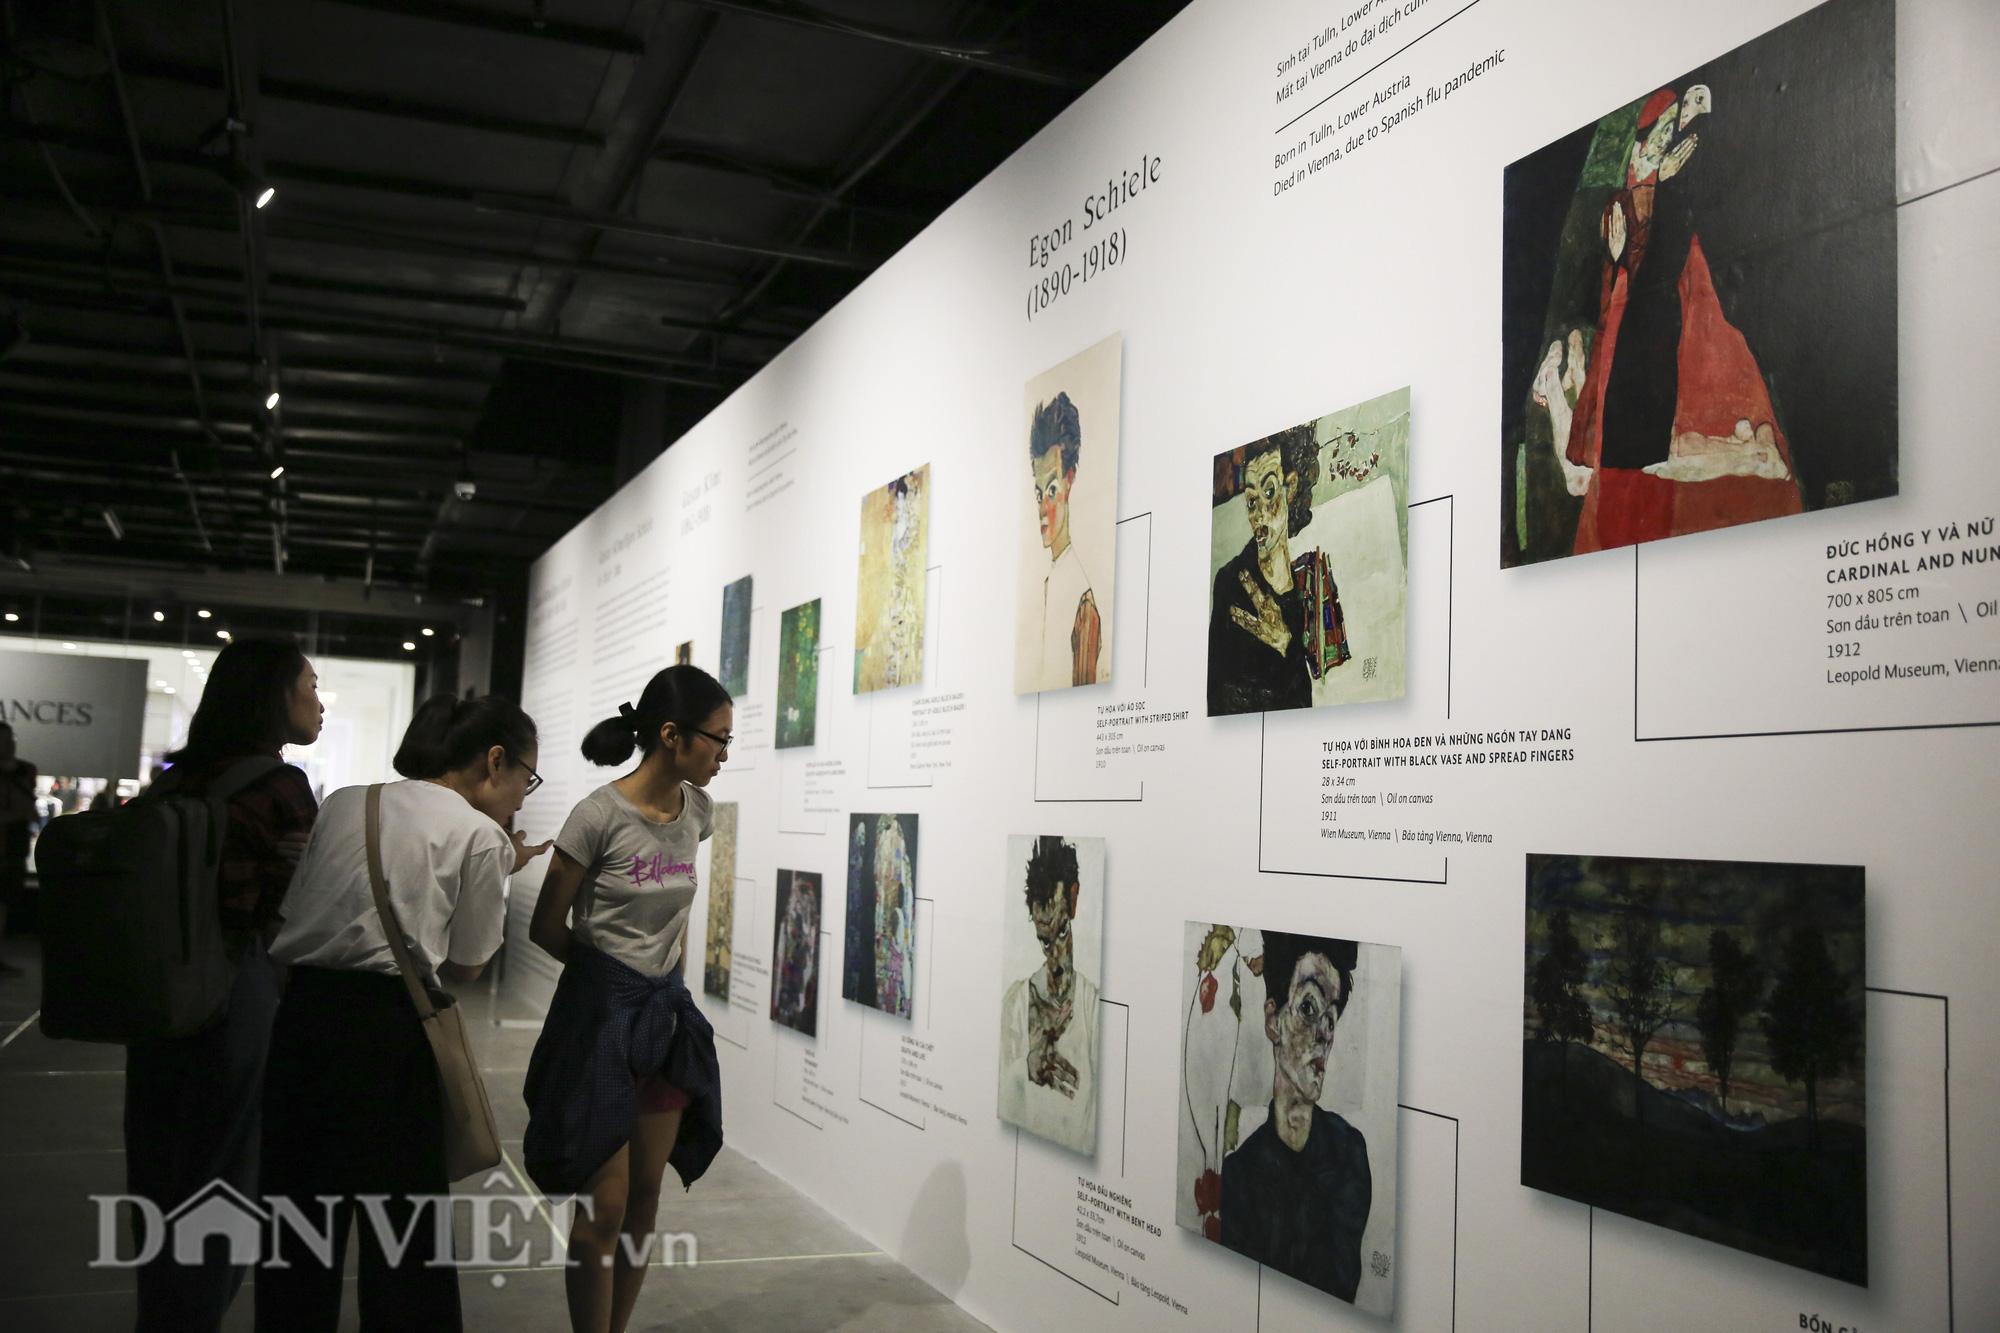 Chiêm ngưỡng những kiệt tác hội họa trăm năm, giá trăm triệu USD tại Hà Nội - Ảnh 8.